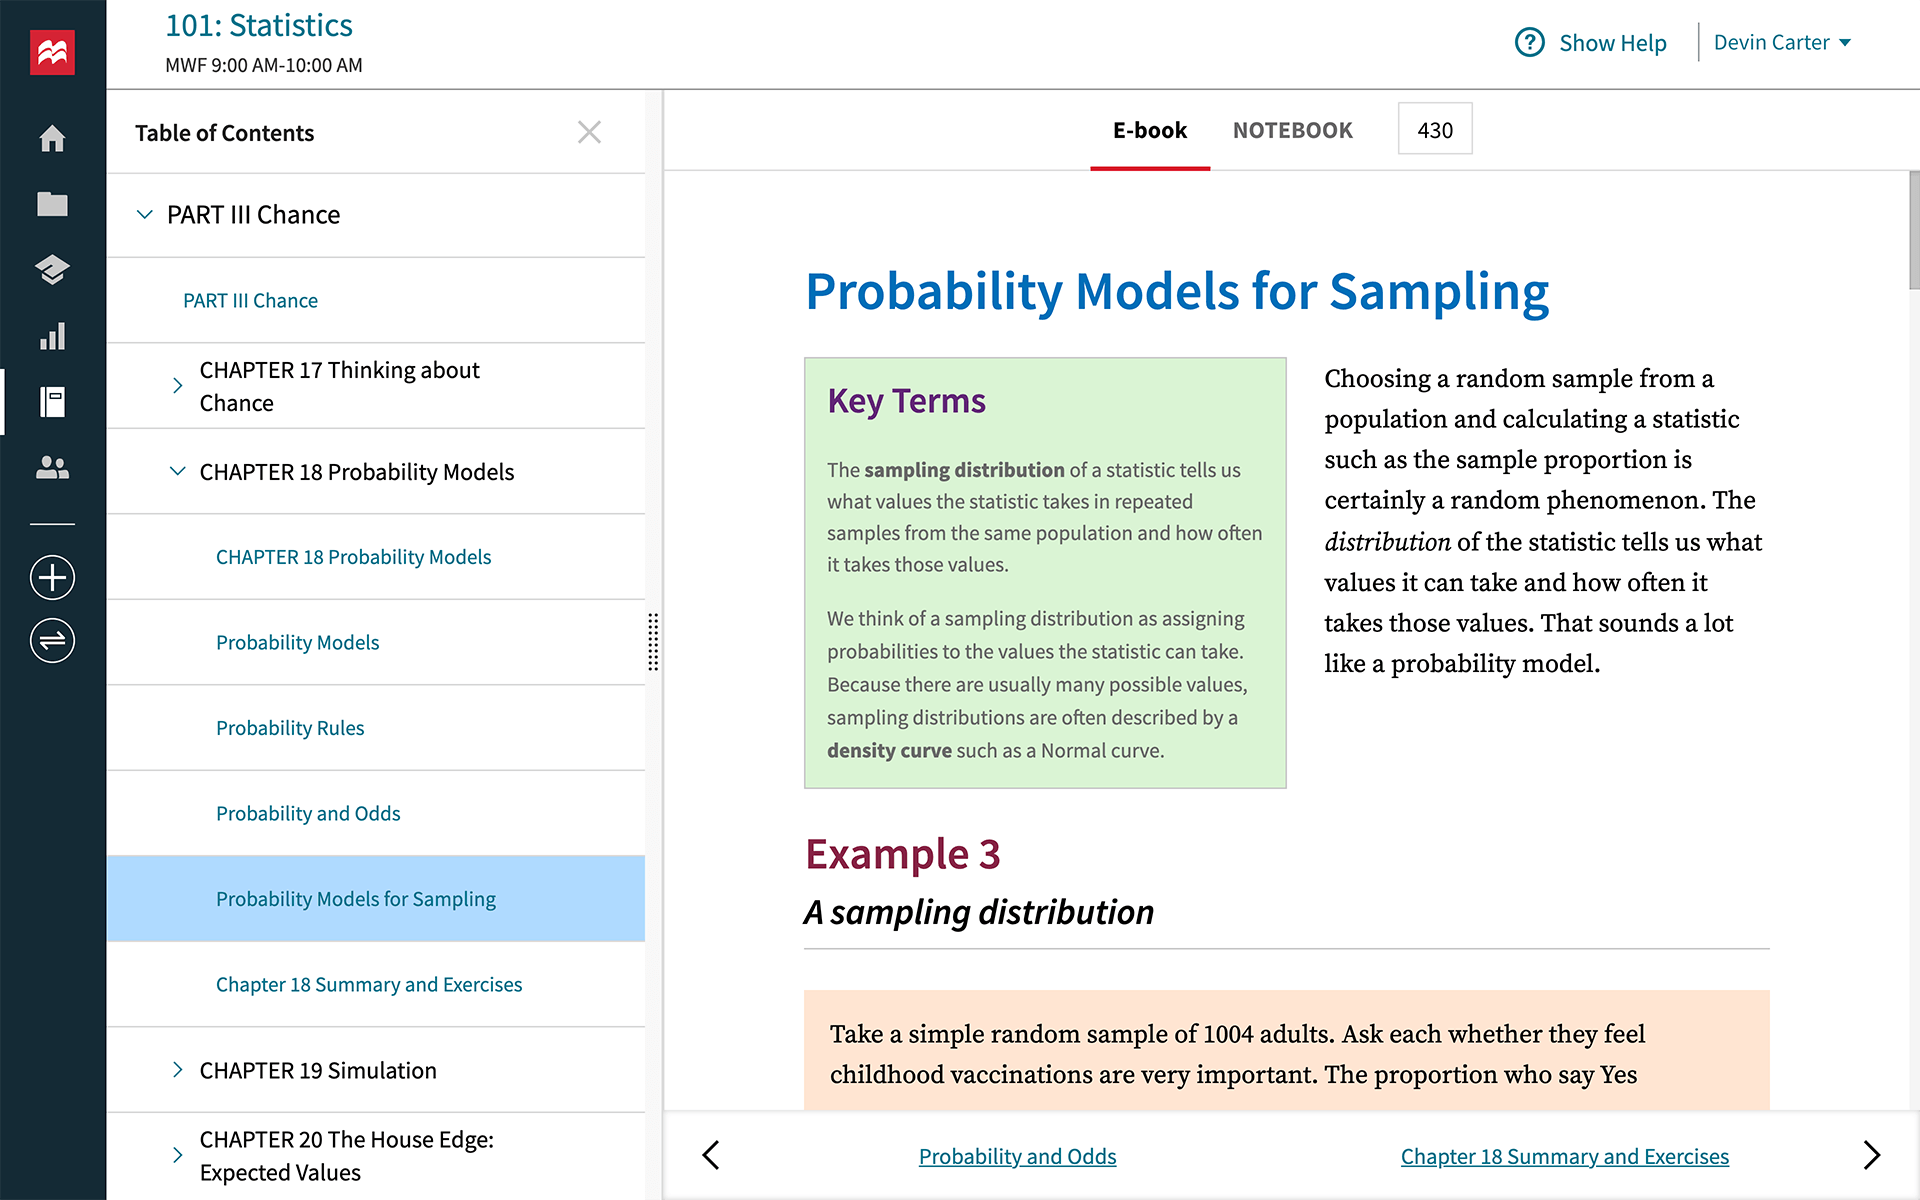 achieve interactive e-book